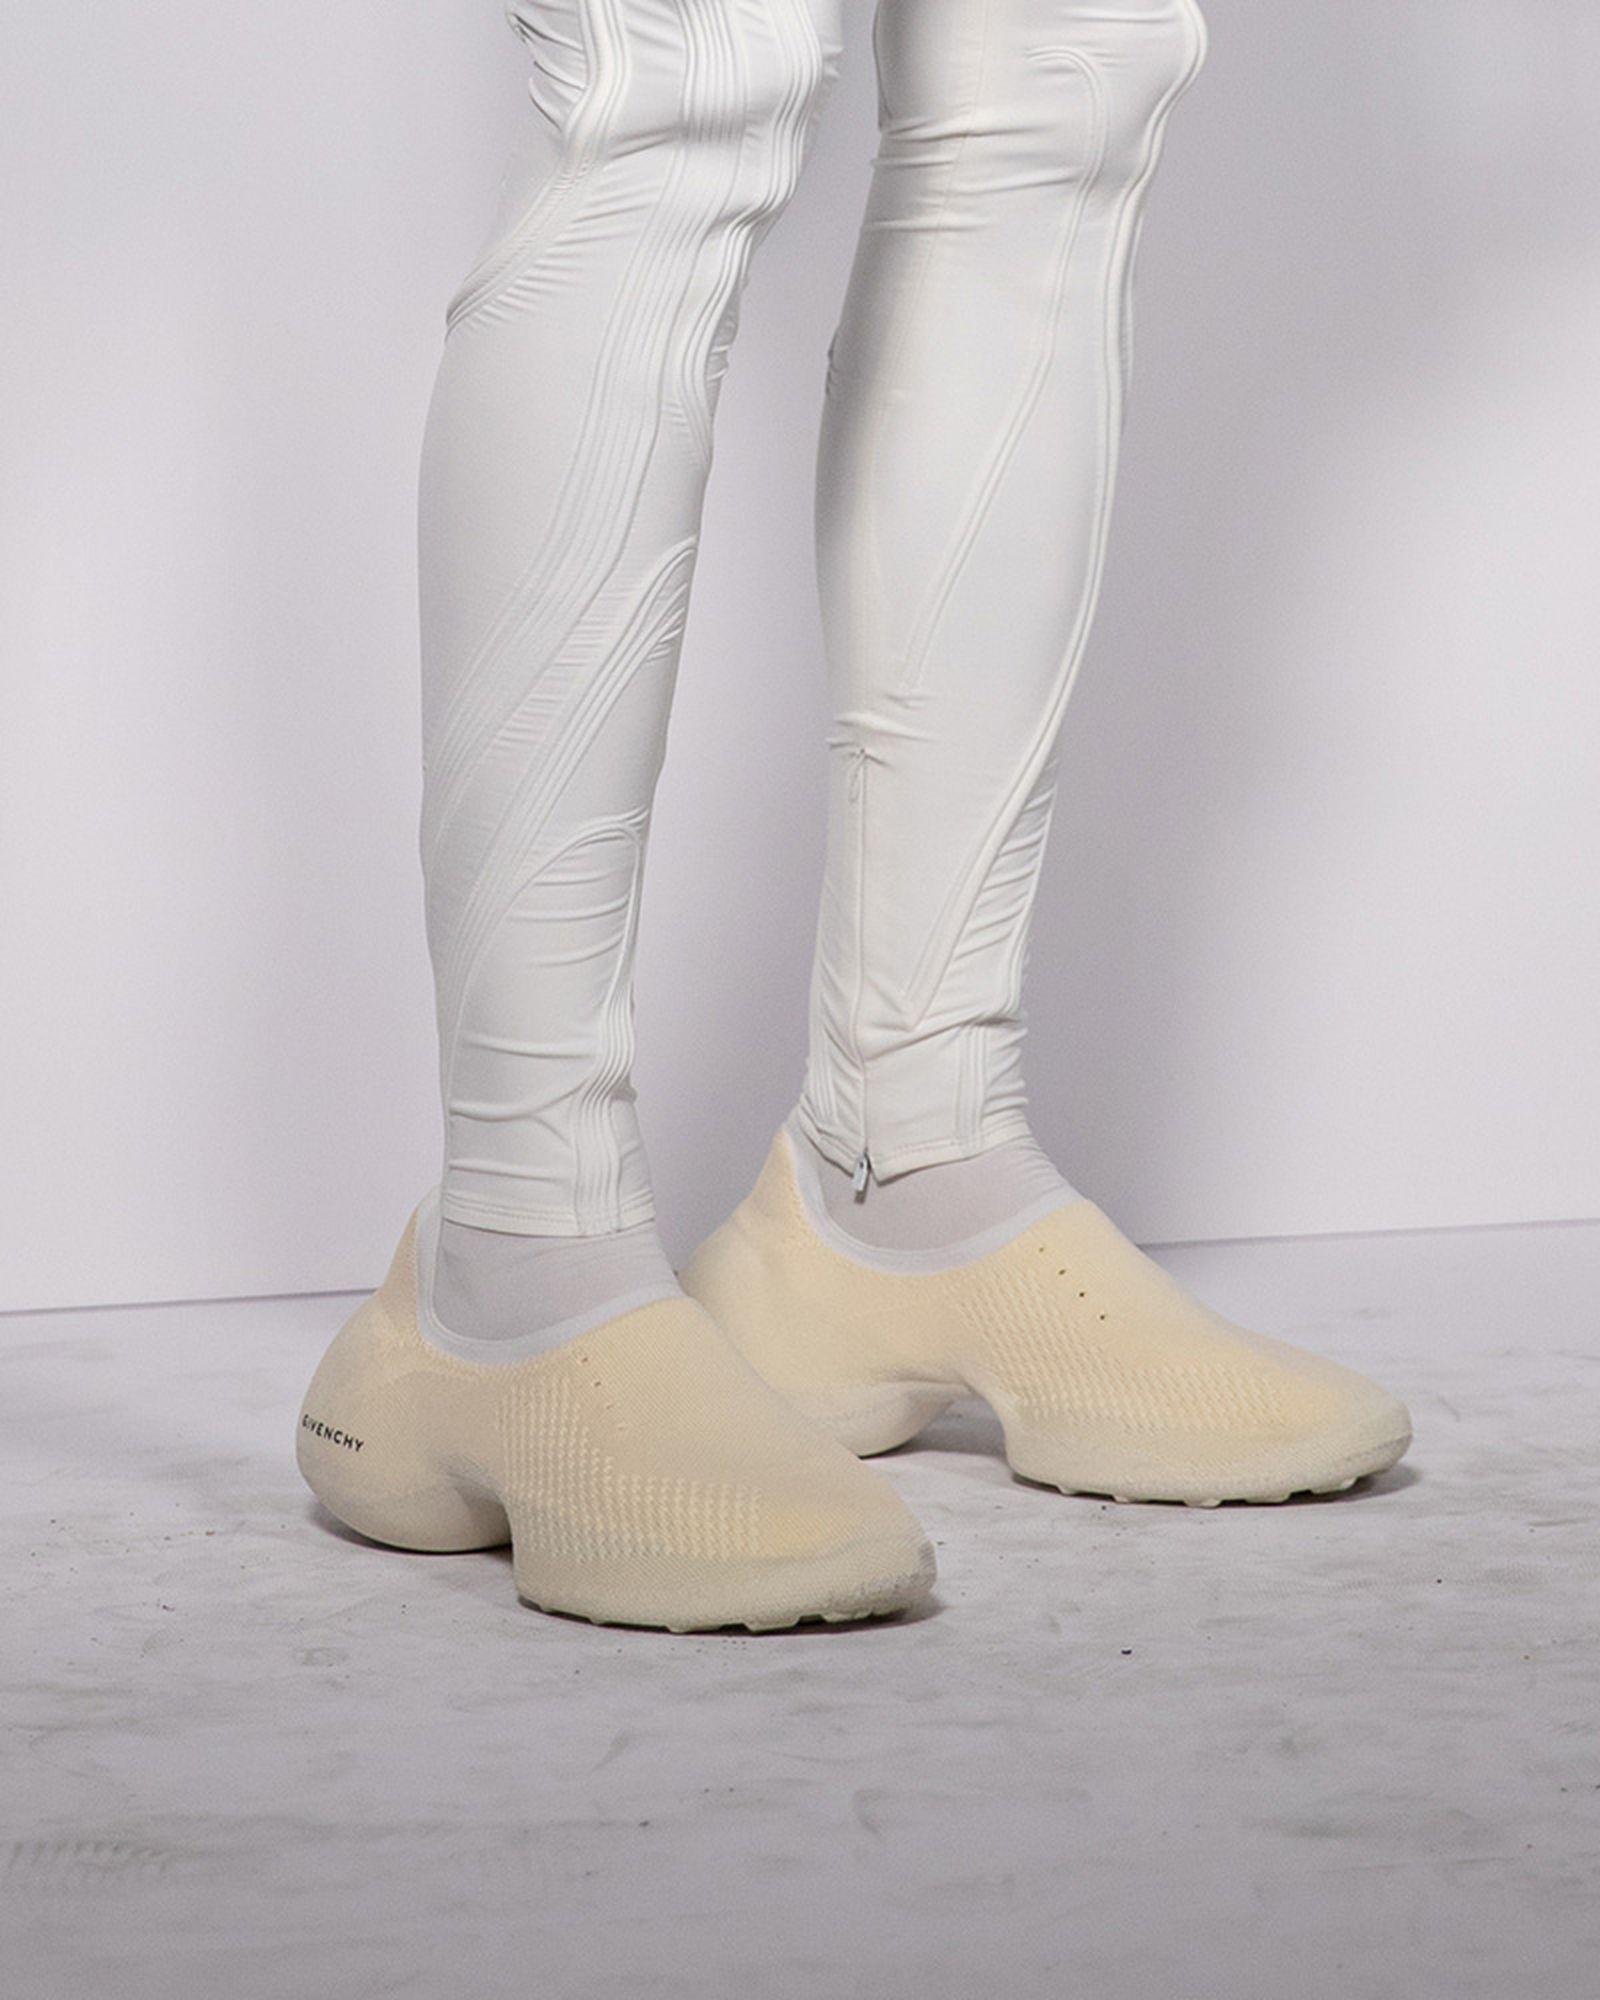 fashion-week-ss22-sneaker-roundup-06